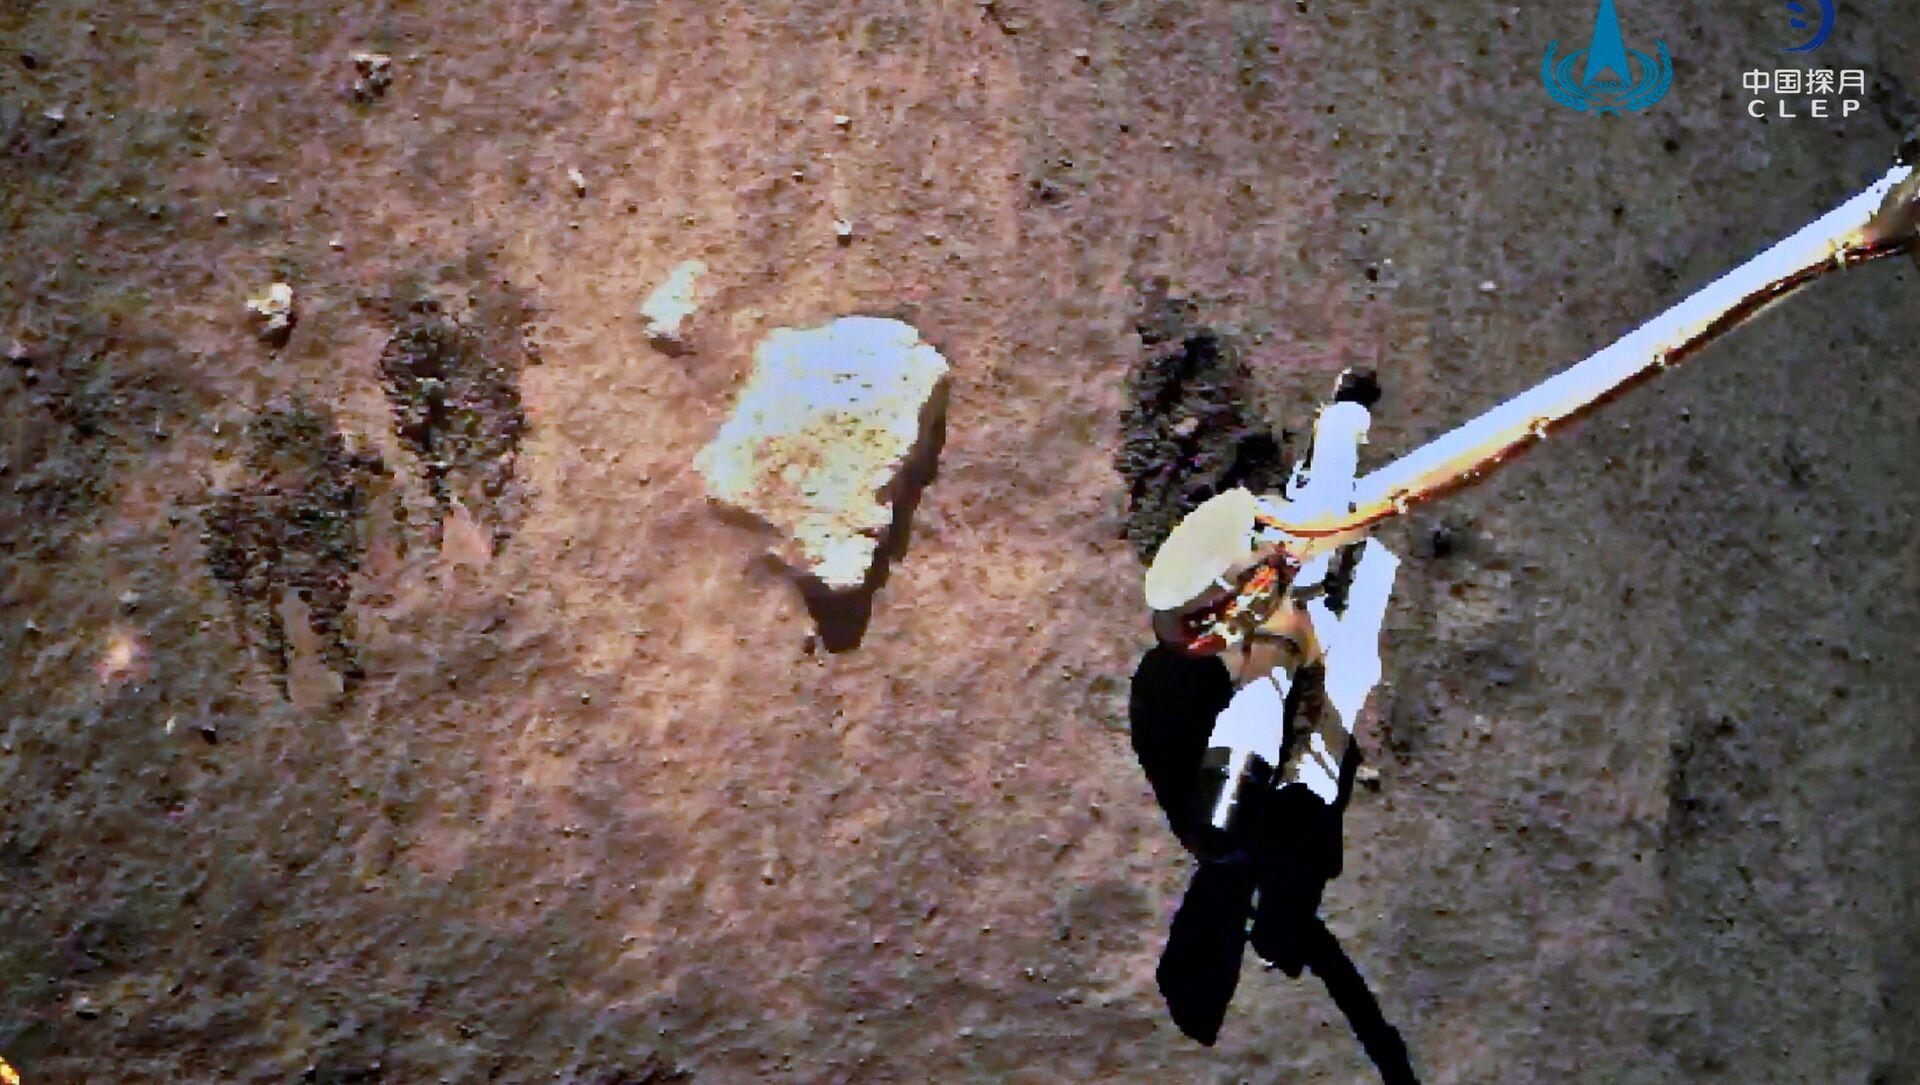 La sonda espacial Chang'e-5 de China recolecta muestras lunares - Sputnik Mundo, 1920, 16.12.2020